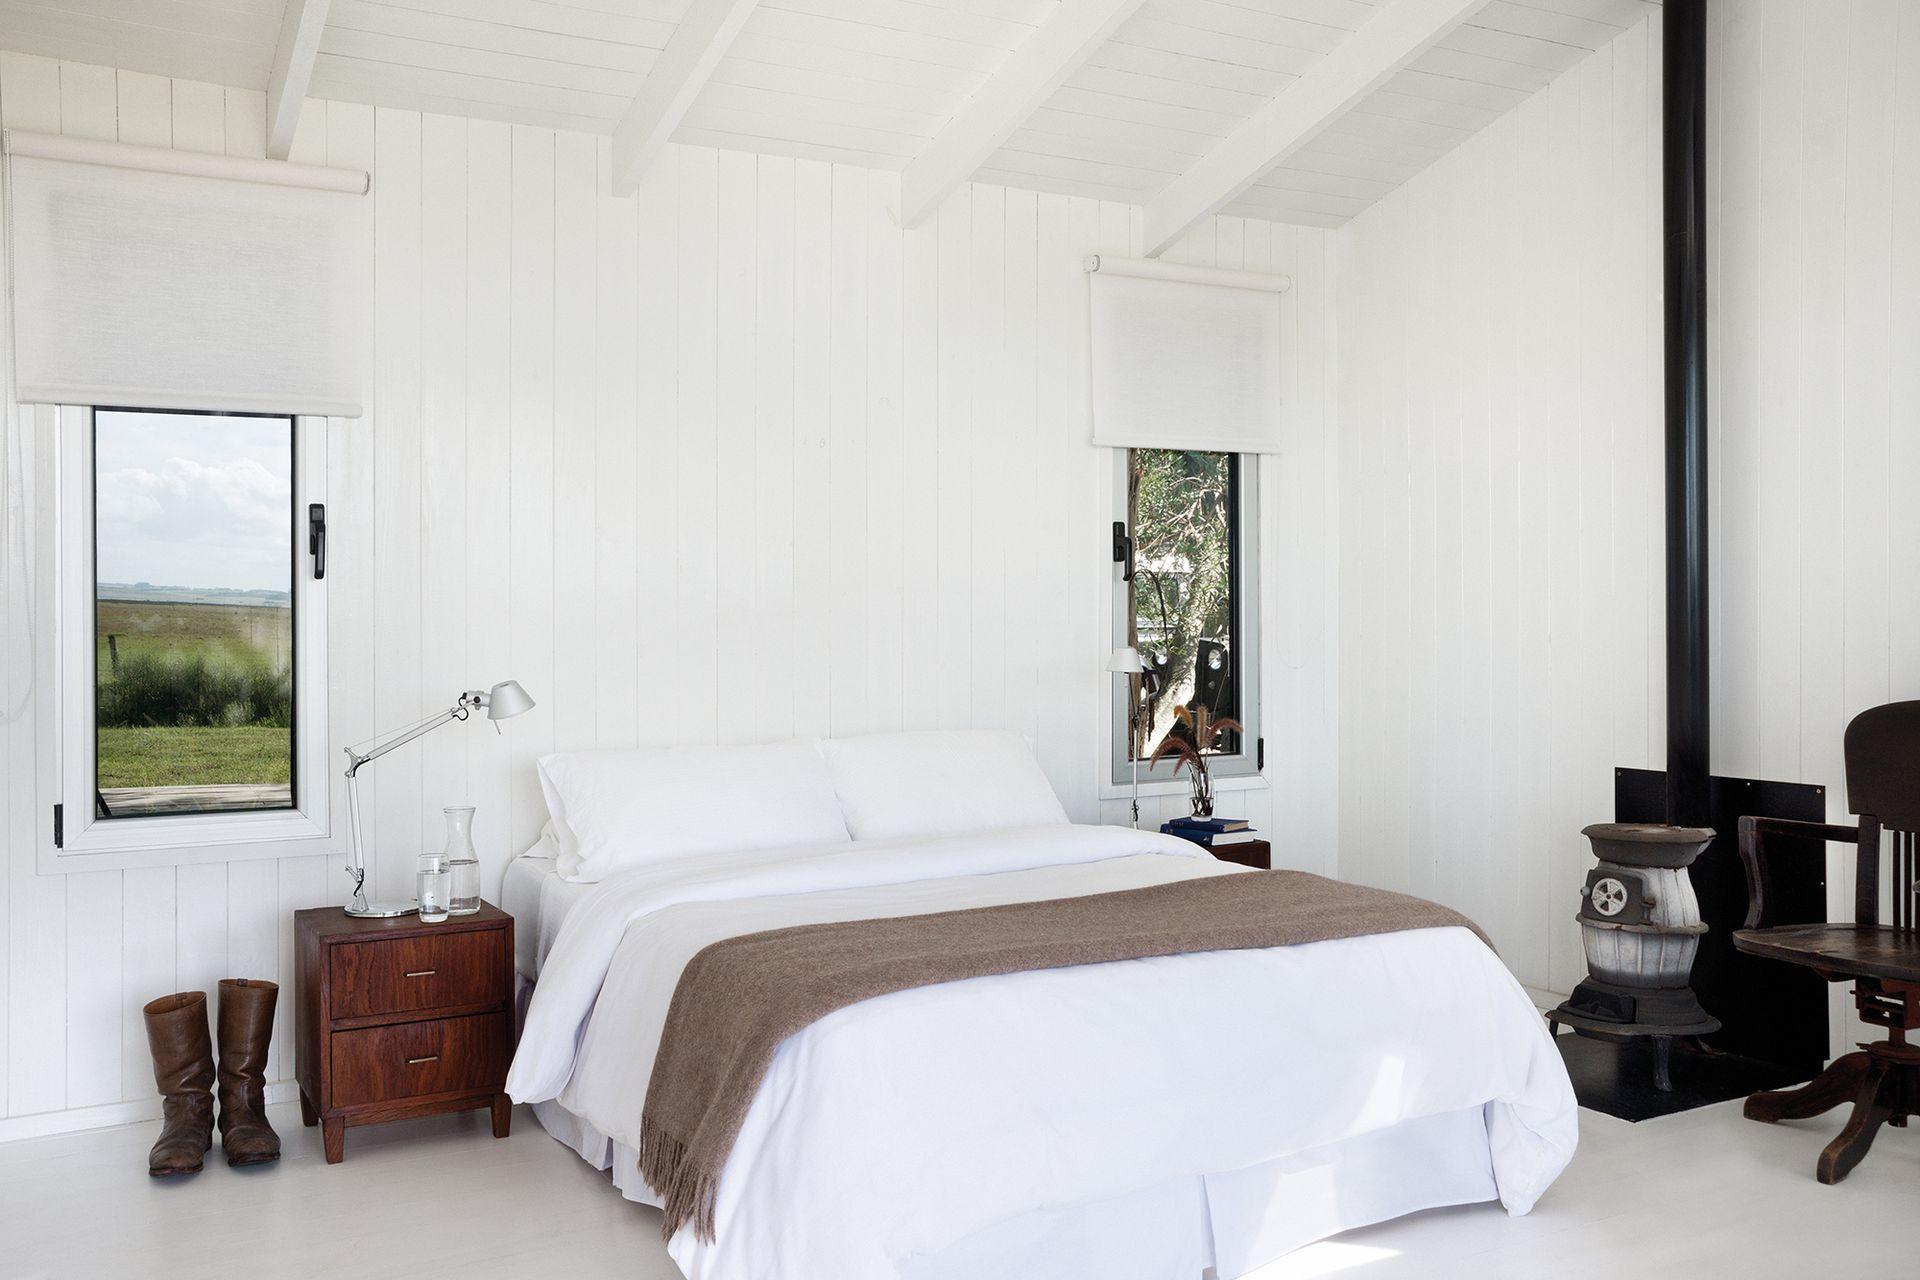 En el cuarto de la cabaña basta con las visuales del campo y la laguna, y la cama cómoda al abrigo de una salamandra de hierro.